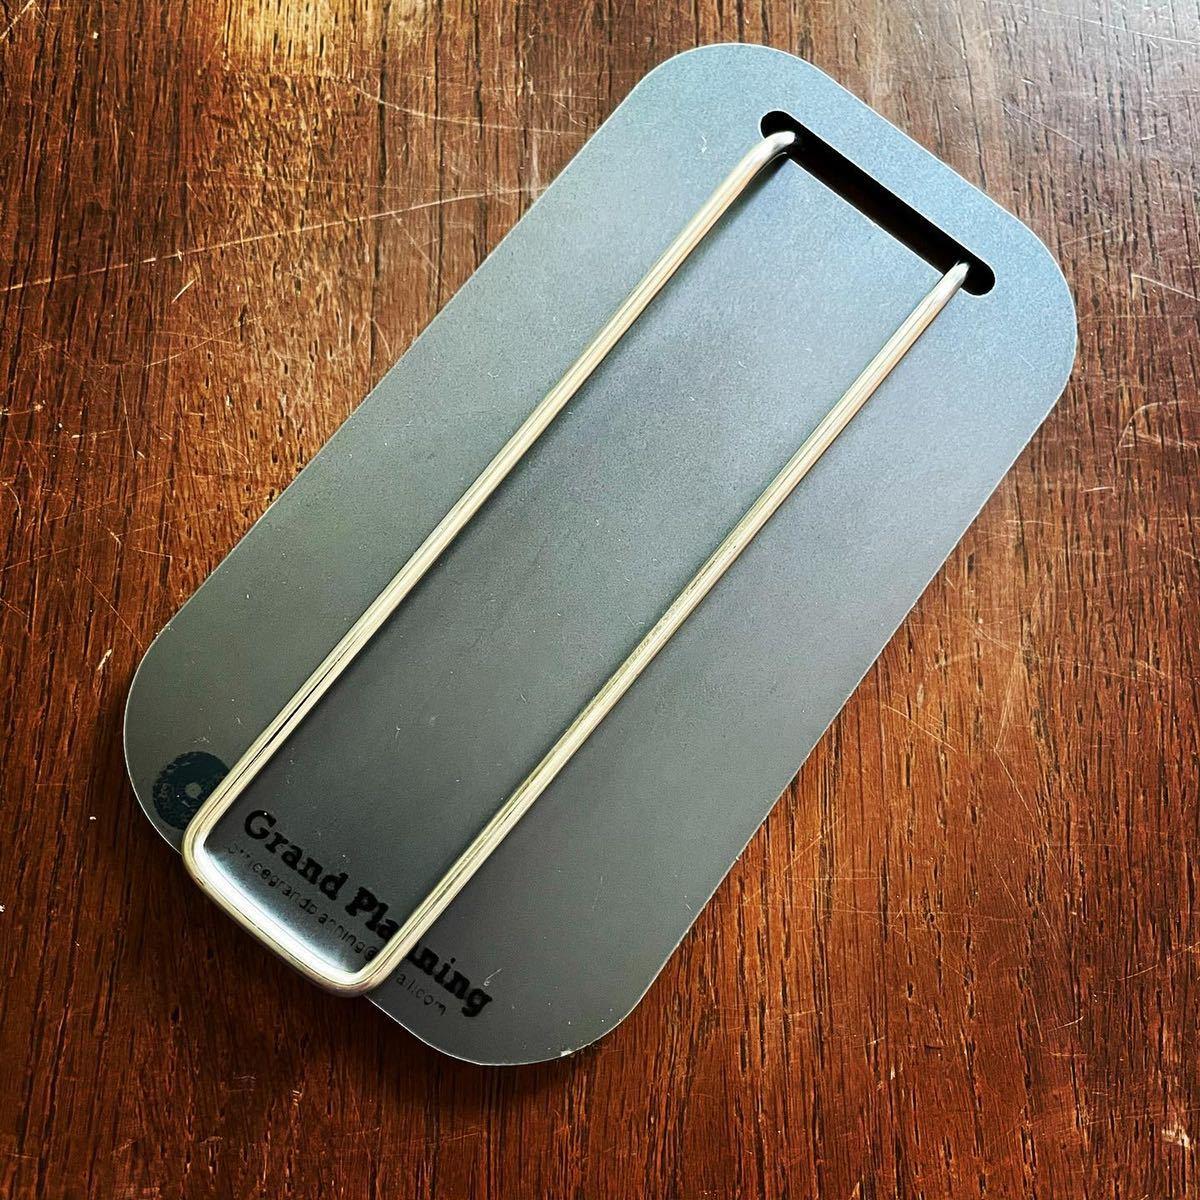 メスティン スモール 収納 6ミリ 鉄板 オリジナル取手金具 ヘラ ネオプレン収納袋 黒 大和鉄板 アウトドア ソロ鉄板